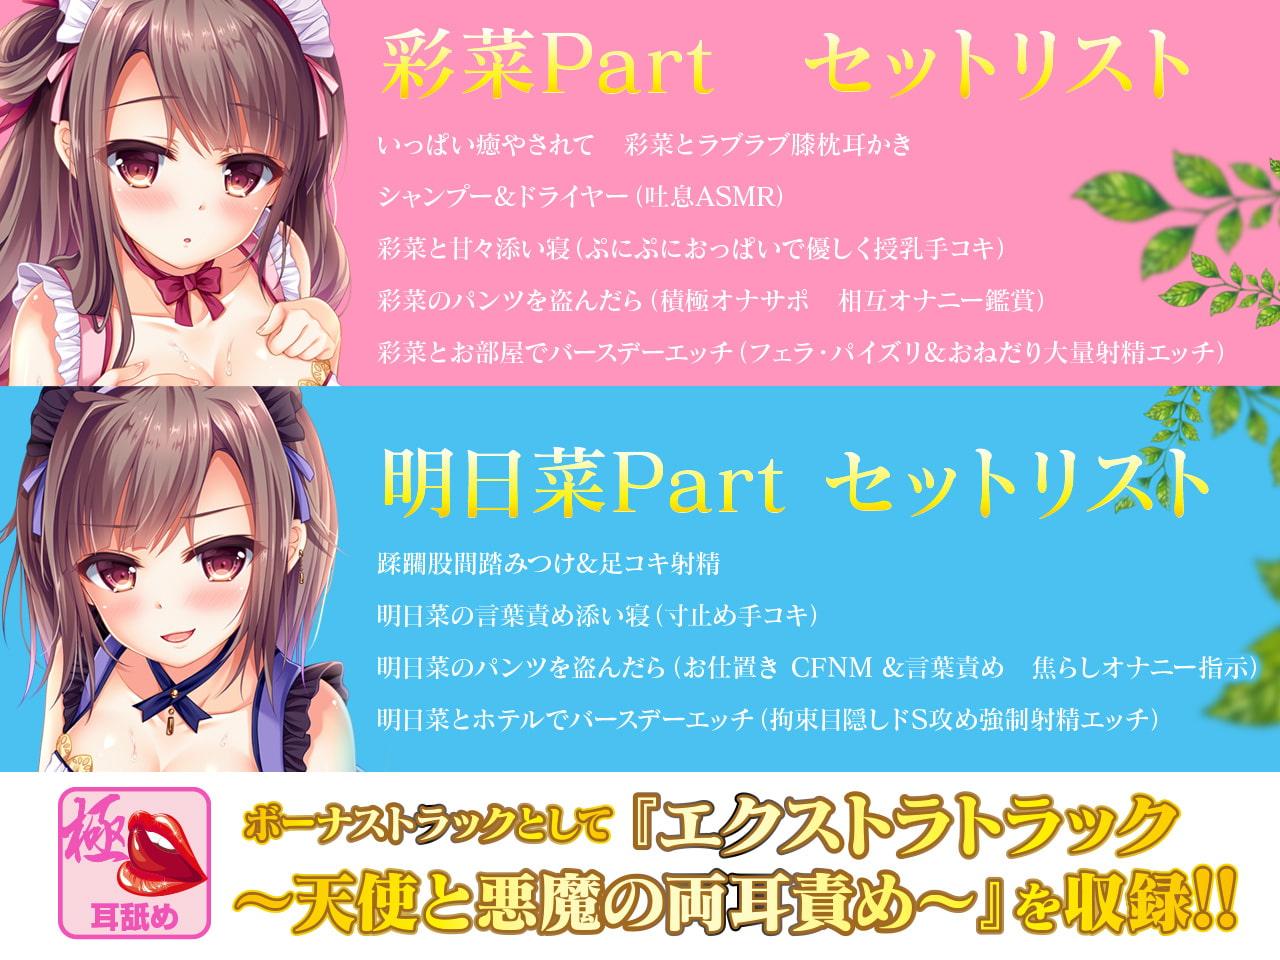 【極め耳舐め】マイメイドヘブン -双子のメイドは天使と悪魔-【パンツ&色紙プレゼント】